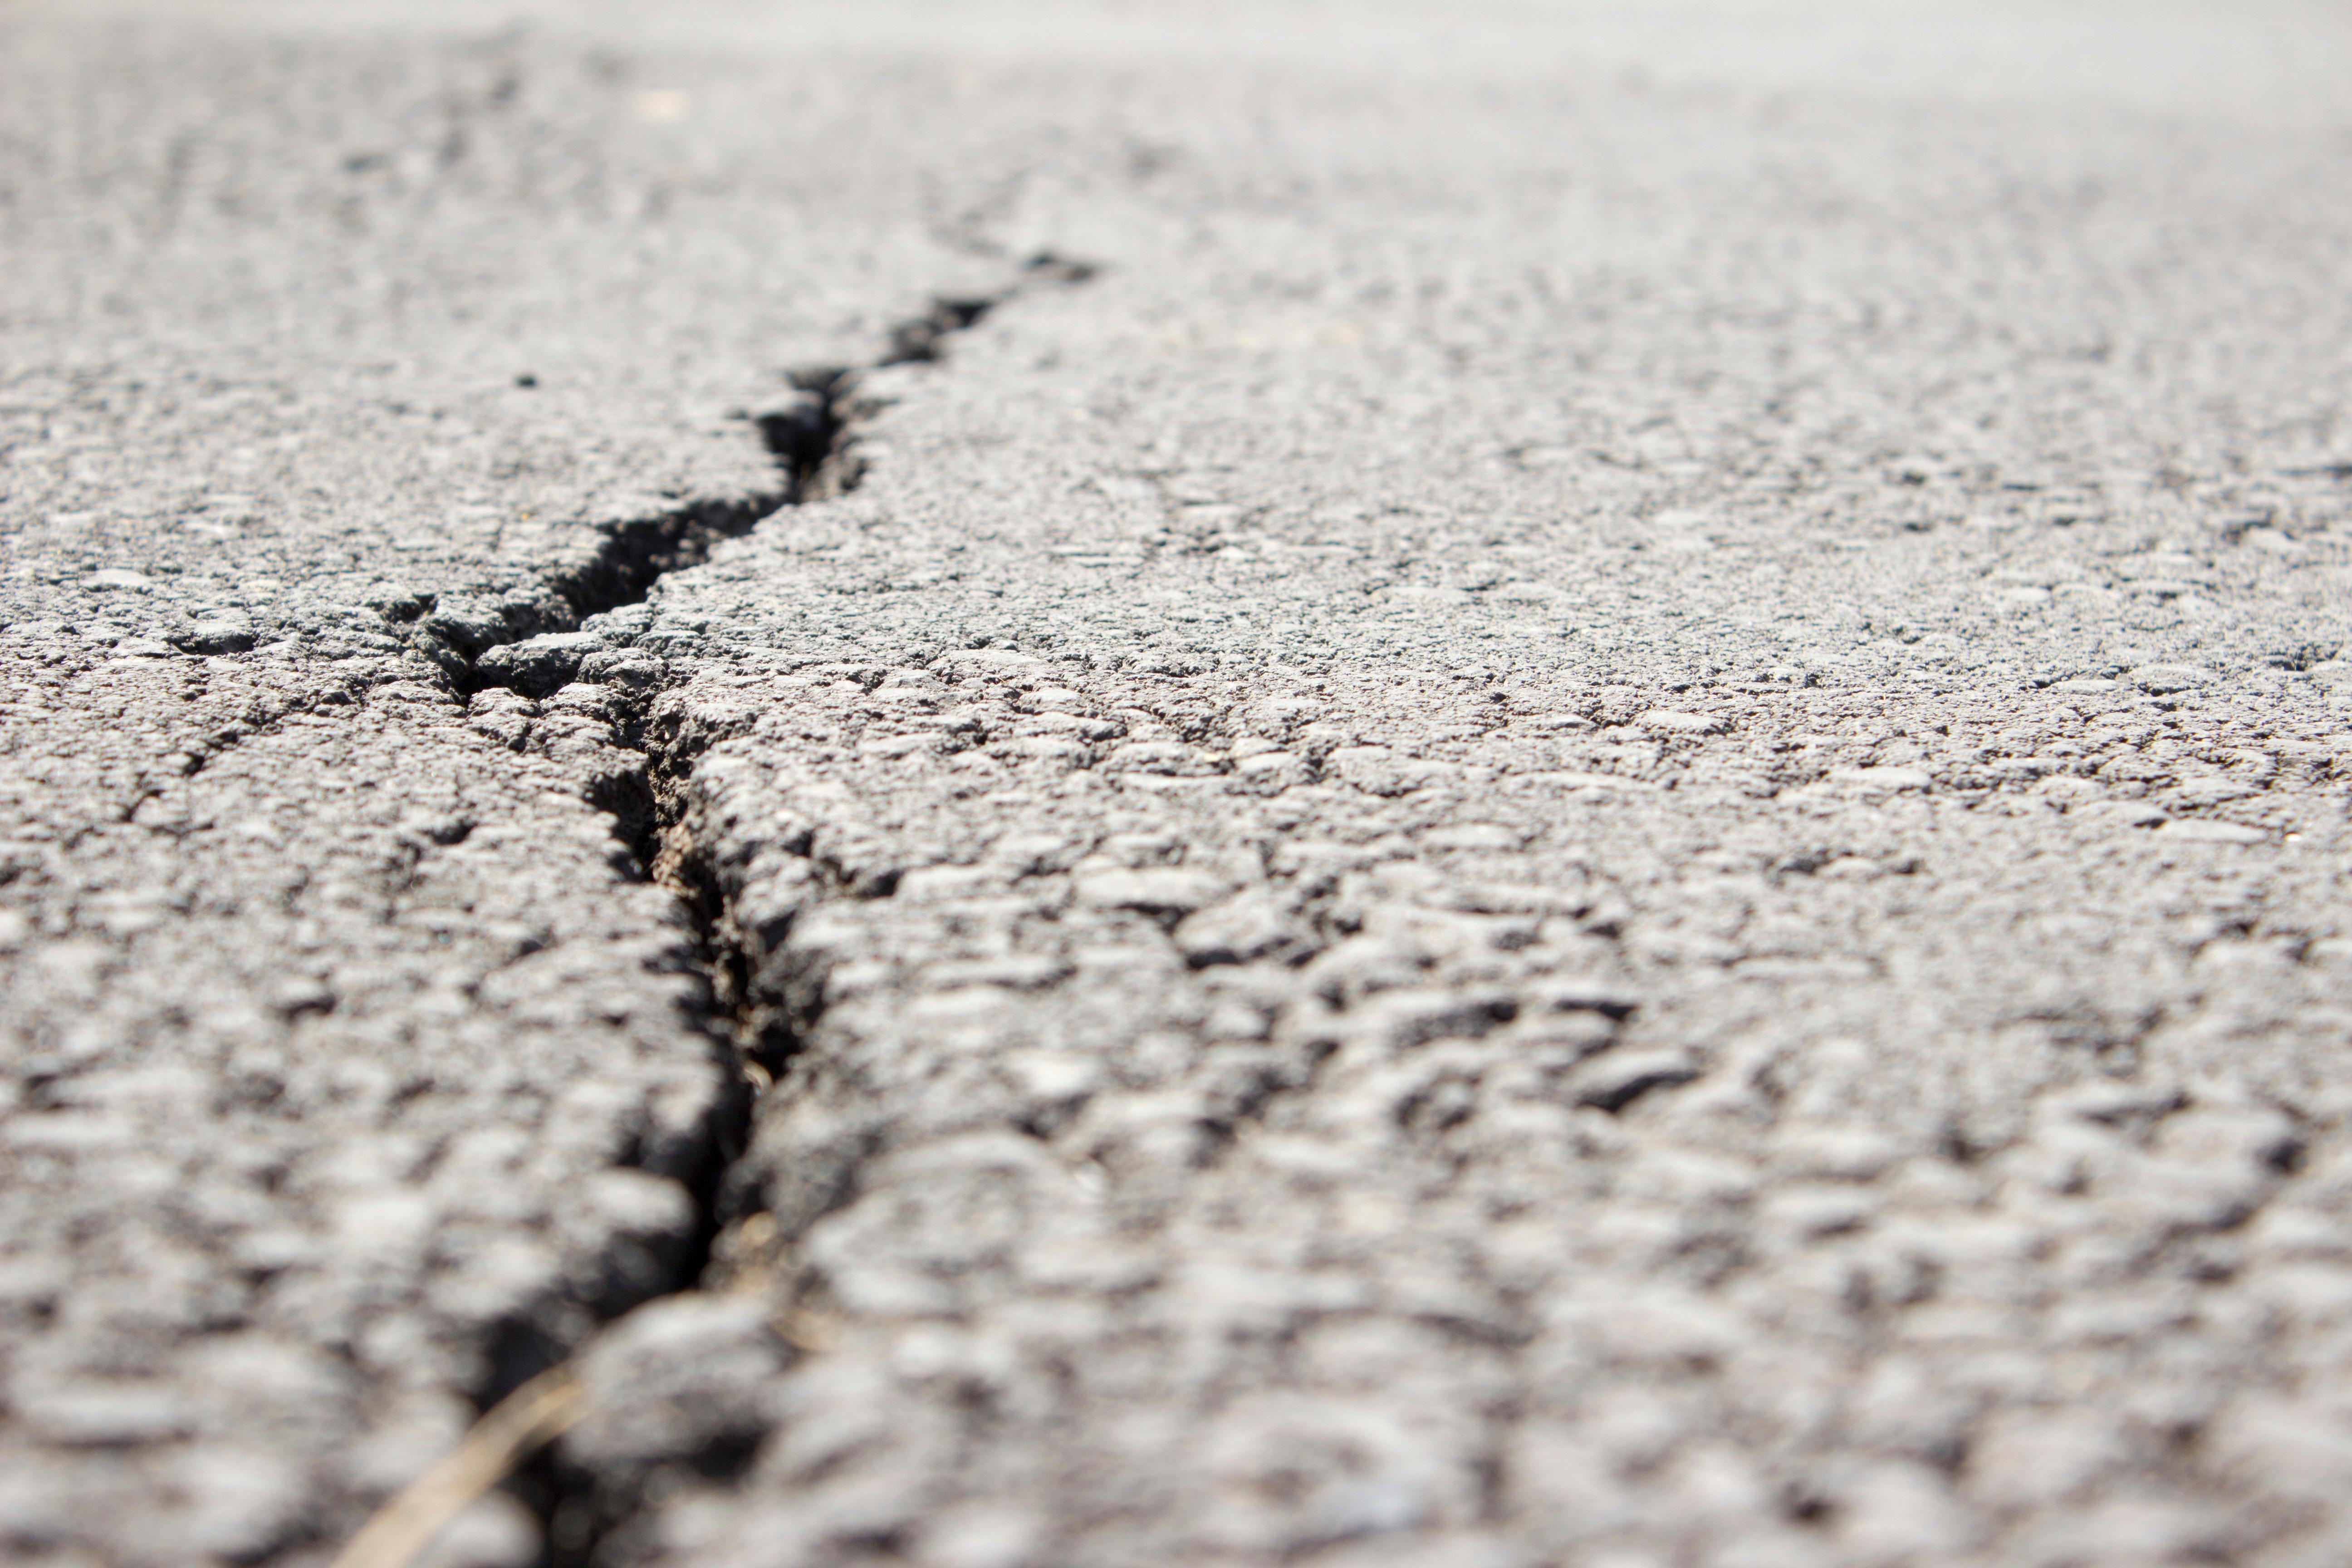 CrackedAsphalt